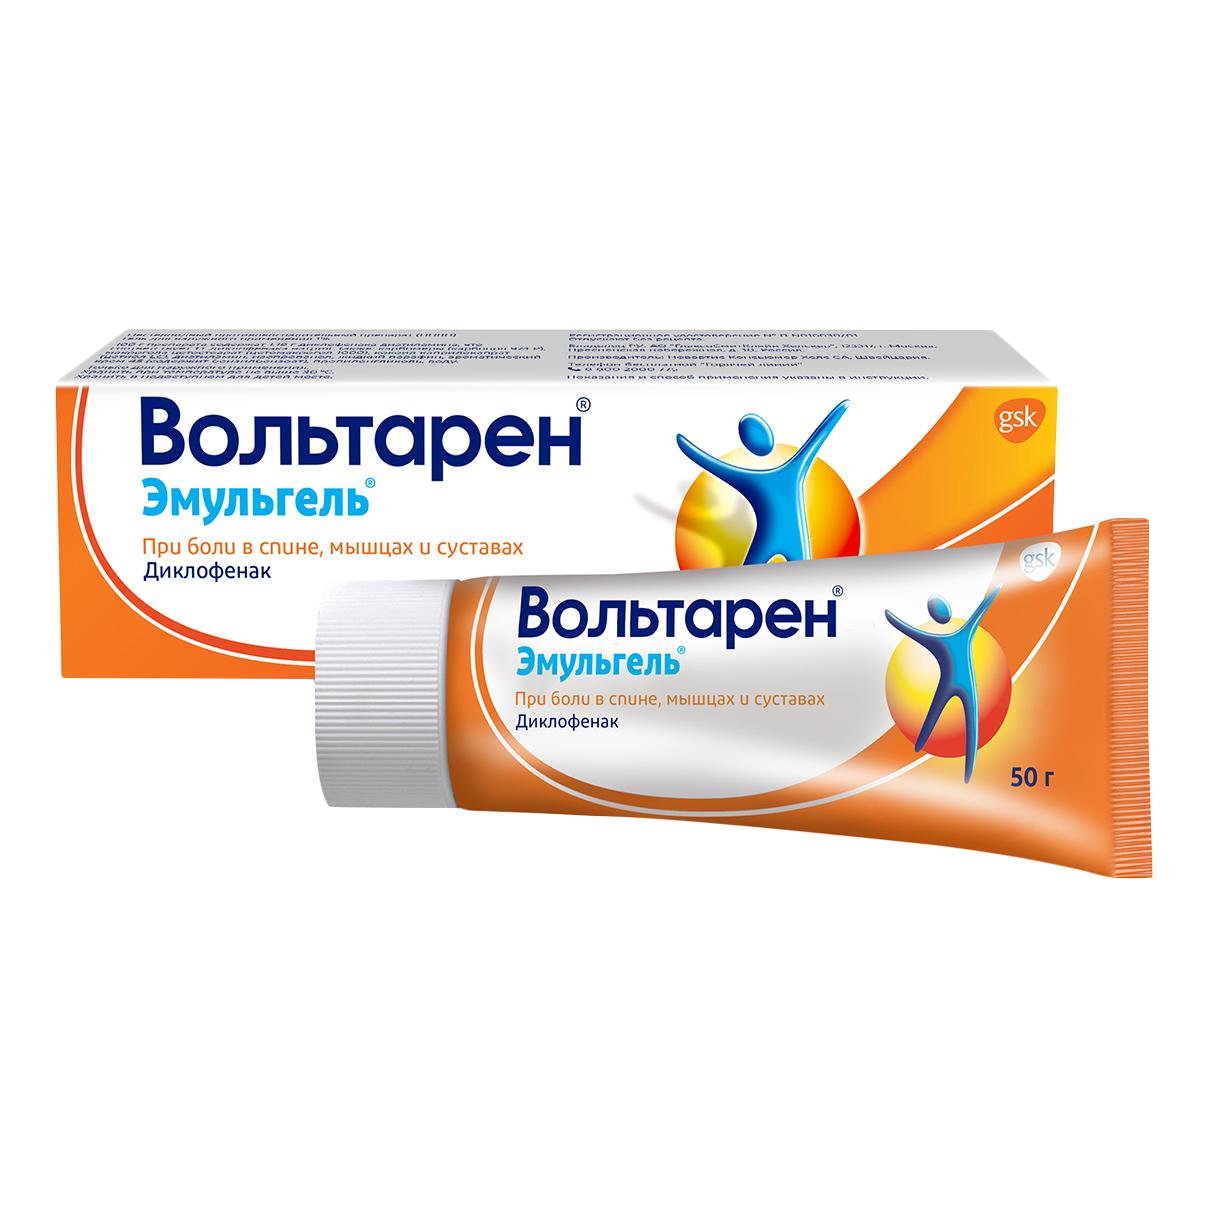 Купить Вольтарен Эмульгель гель 1 % 50 г, Novartis Pharma